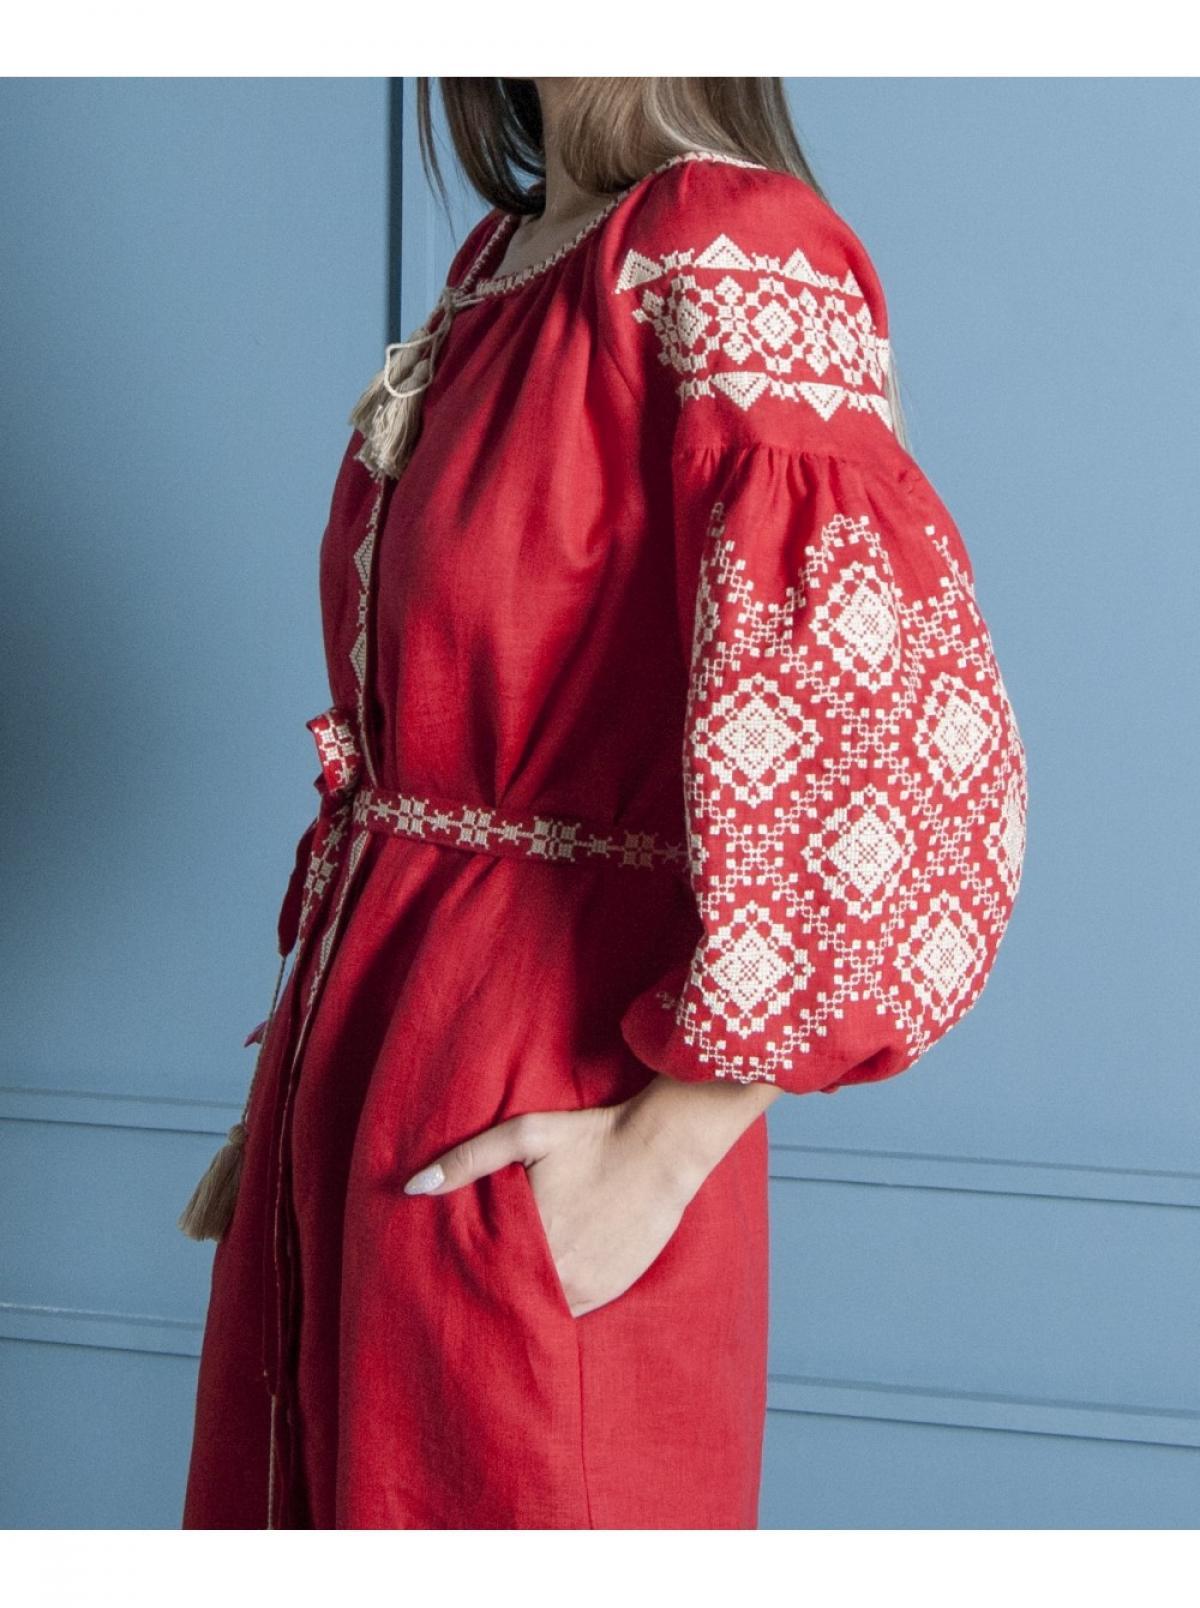 Червона лляна вишита сукня-міді. Фото №4. | Народний дім Україна